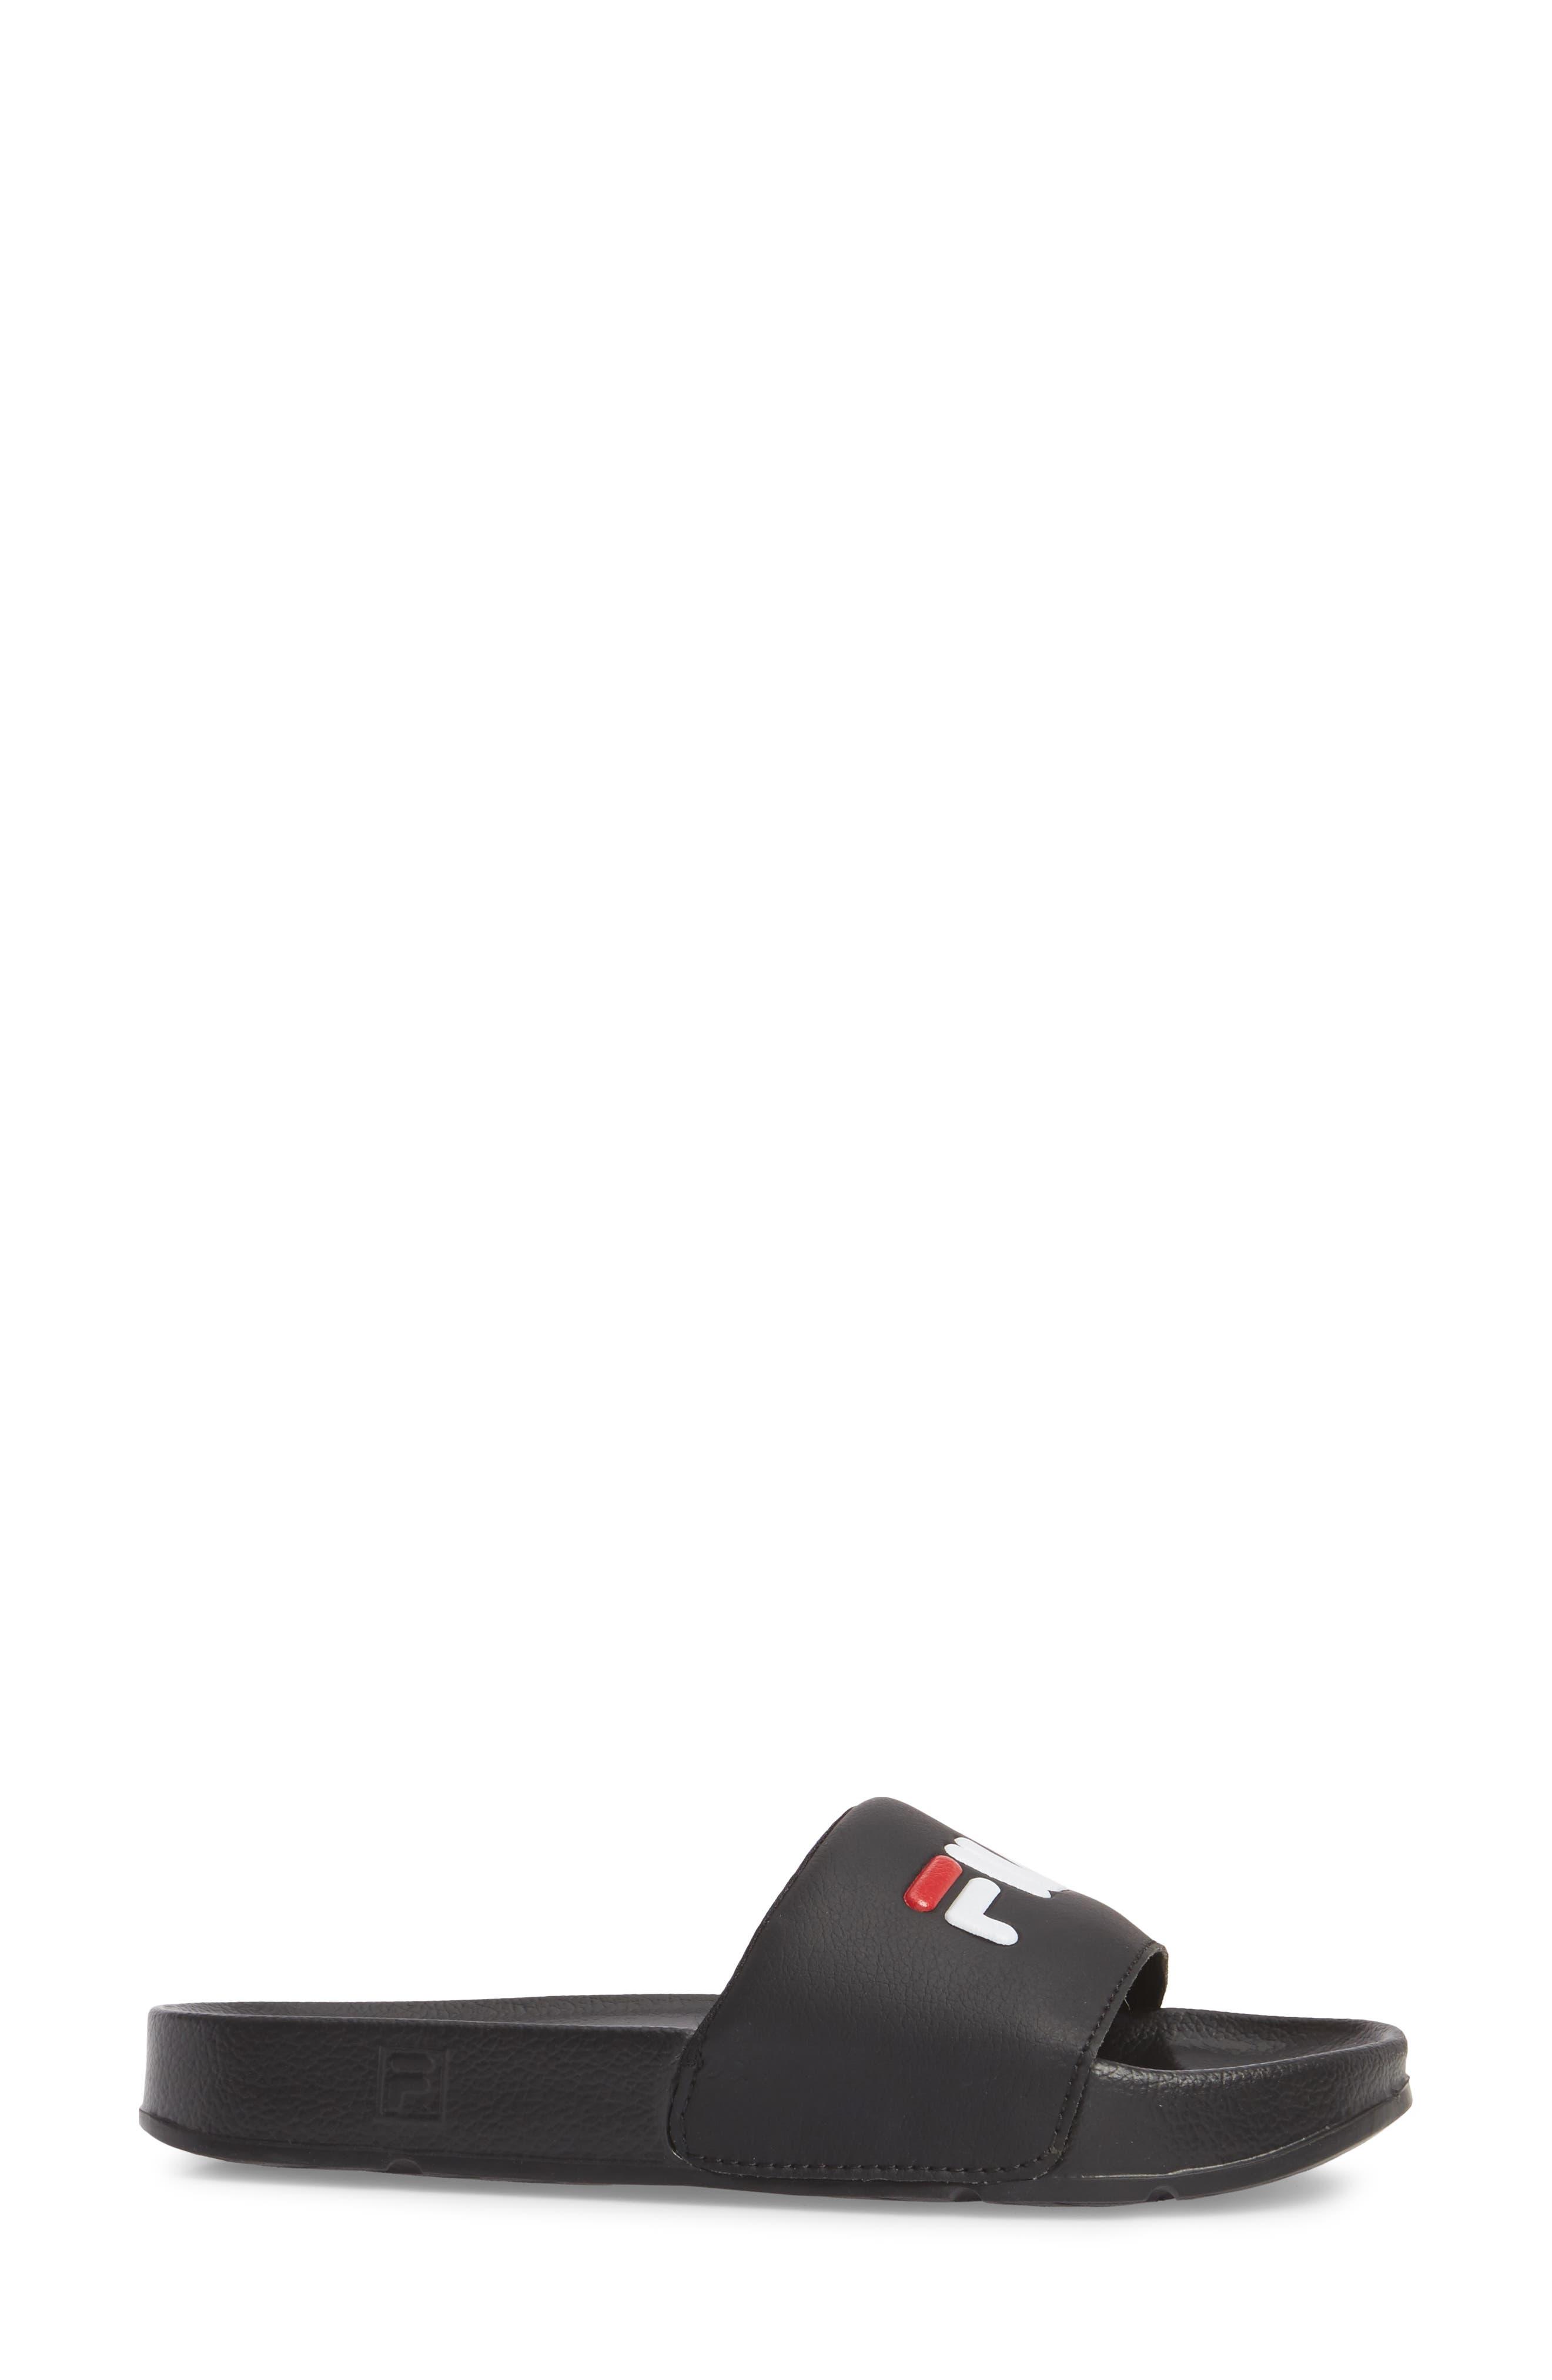 Alternate Image 3  - FILA Drifter Slide Sandal (Women)